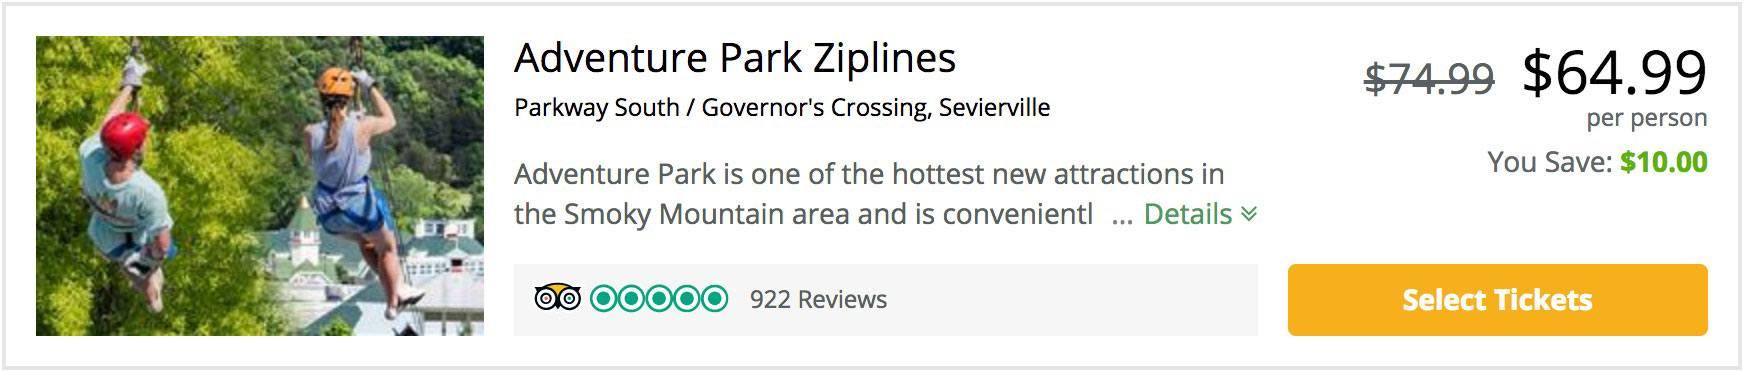 adventure park ziplines coupon